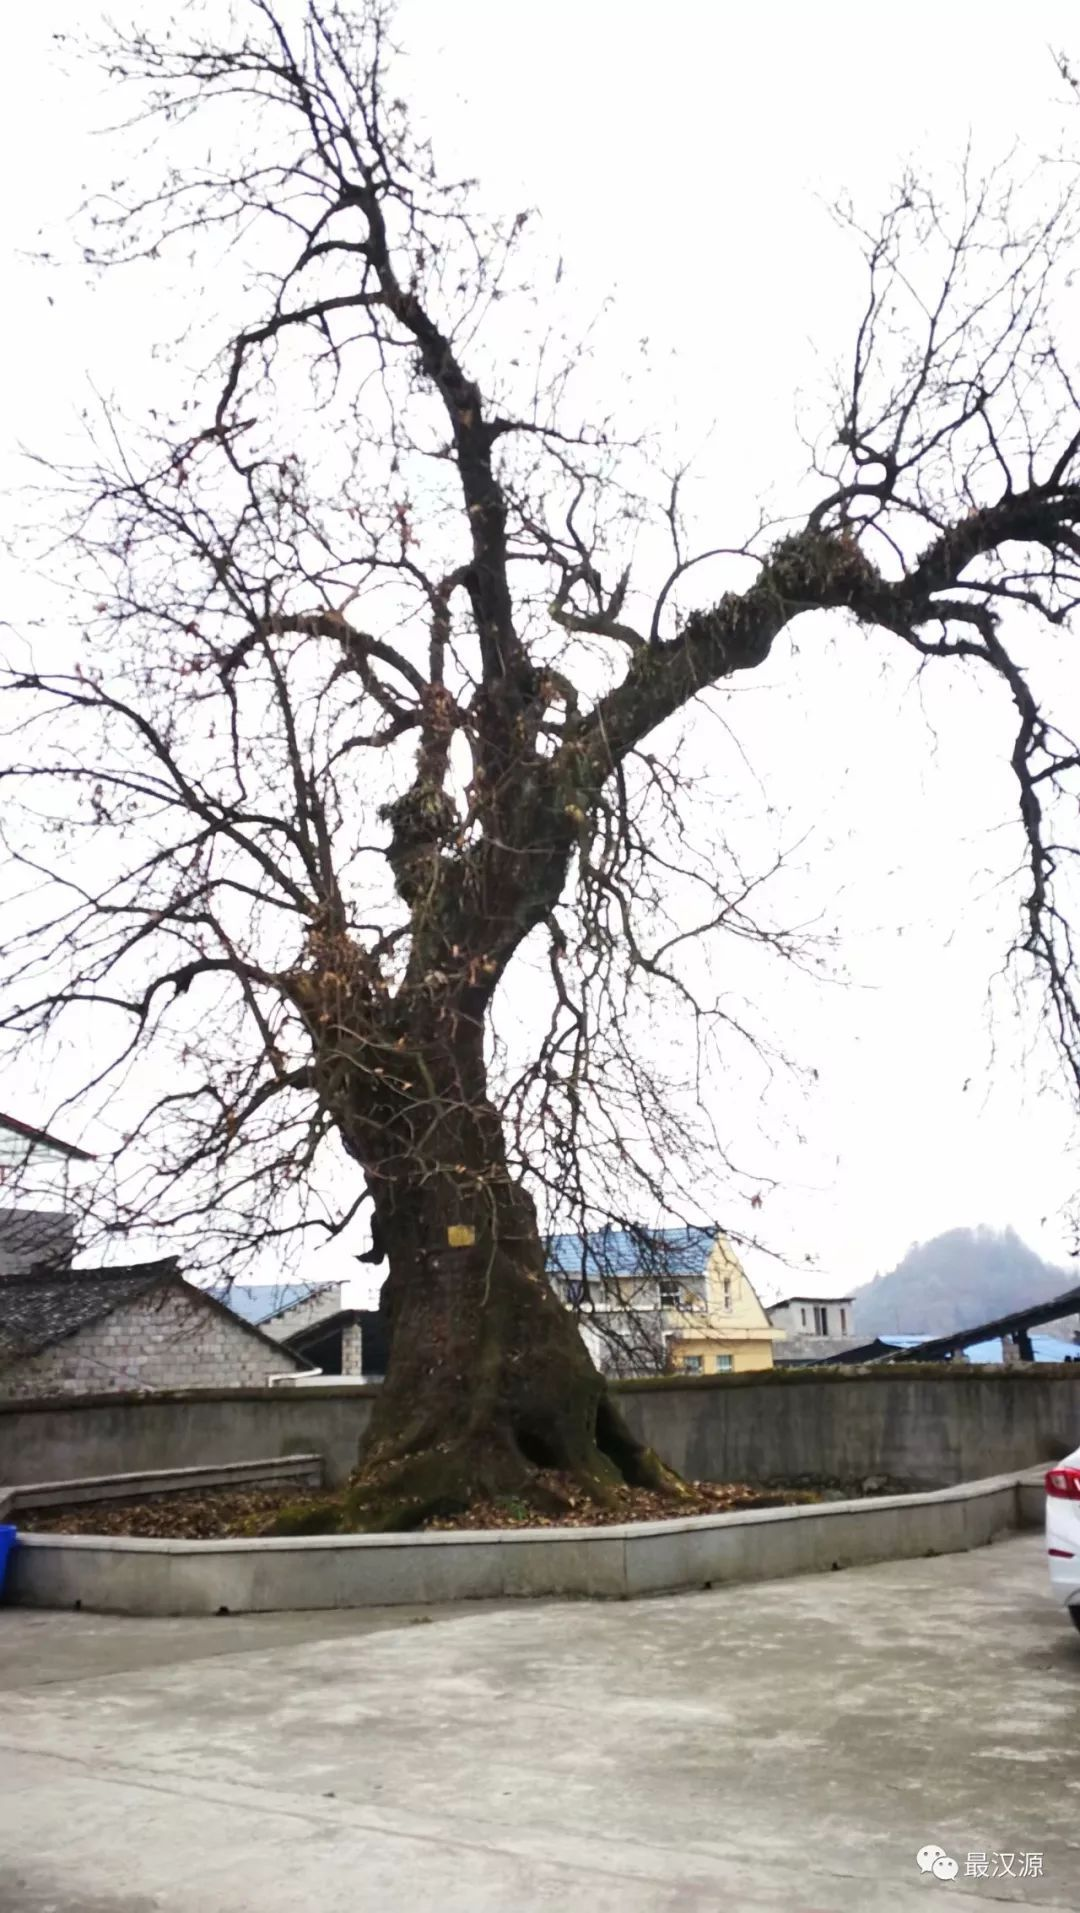 印象皇木场:没有中国西南的皇木,就没有元明清的北京,就没有今天的紫禁城-雪花新闻